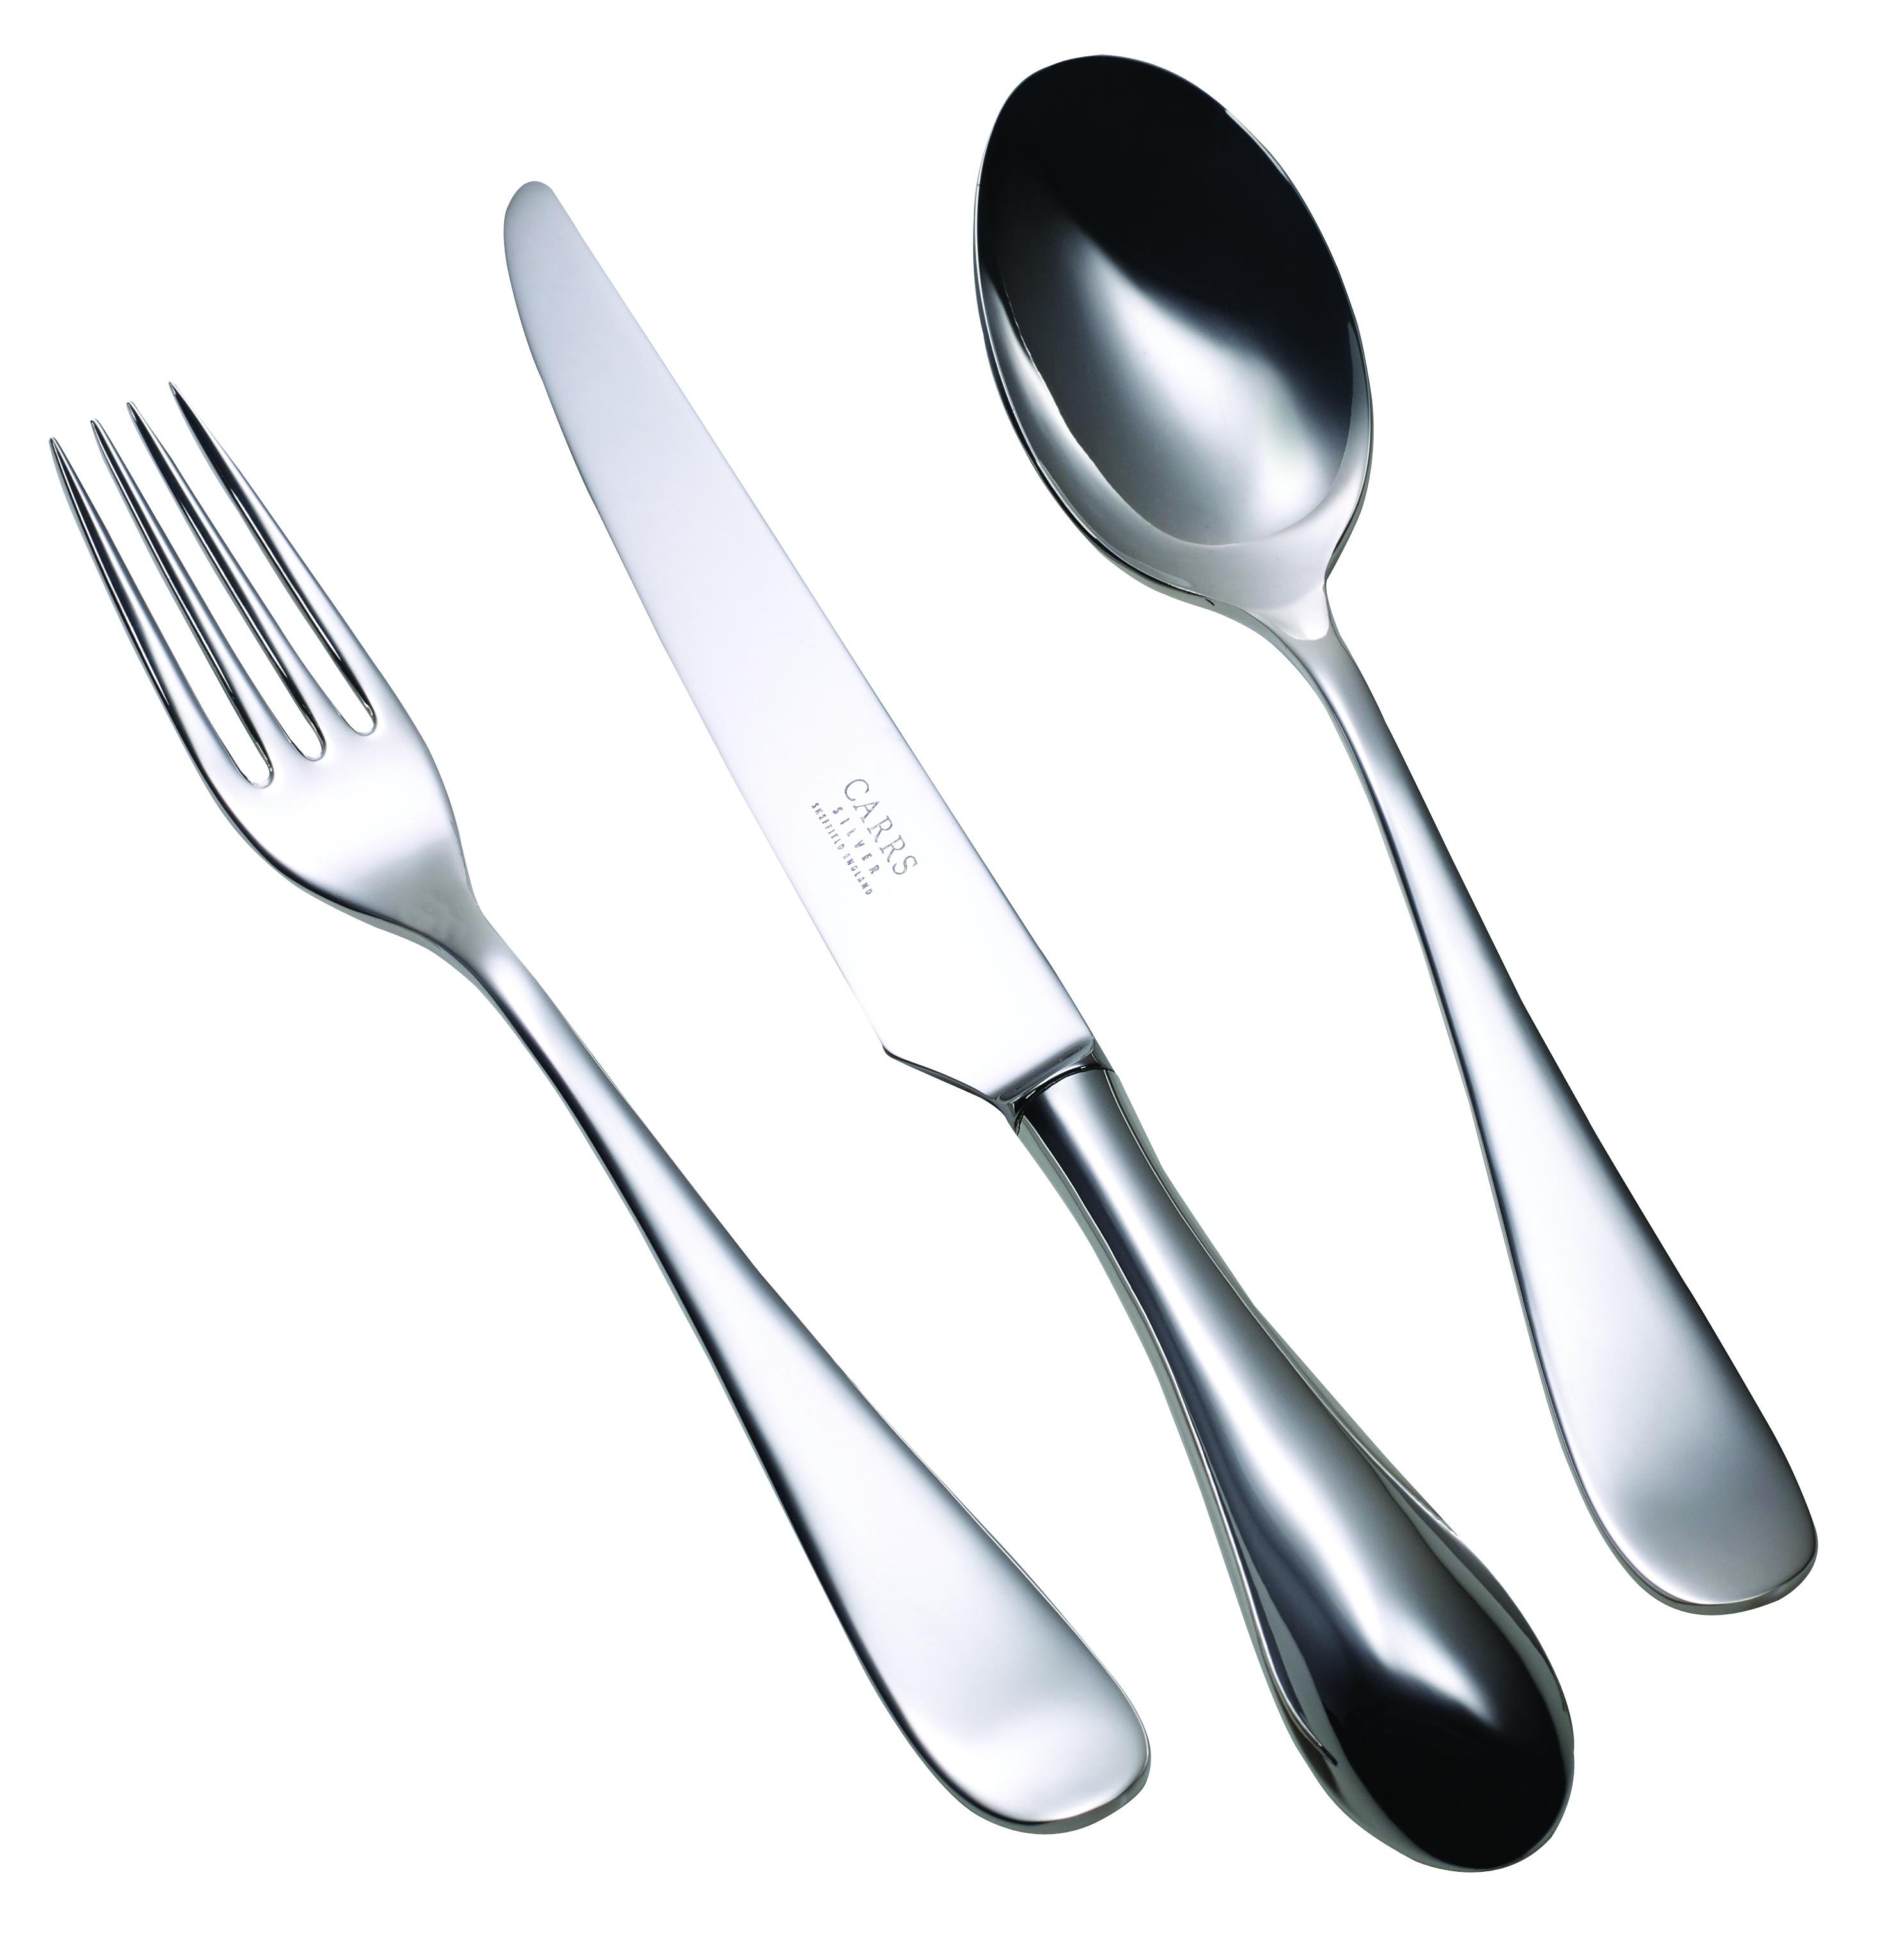 Children's Silver Cutlery Set Vision Design